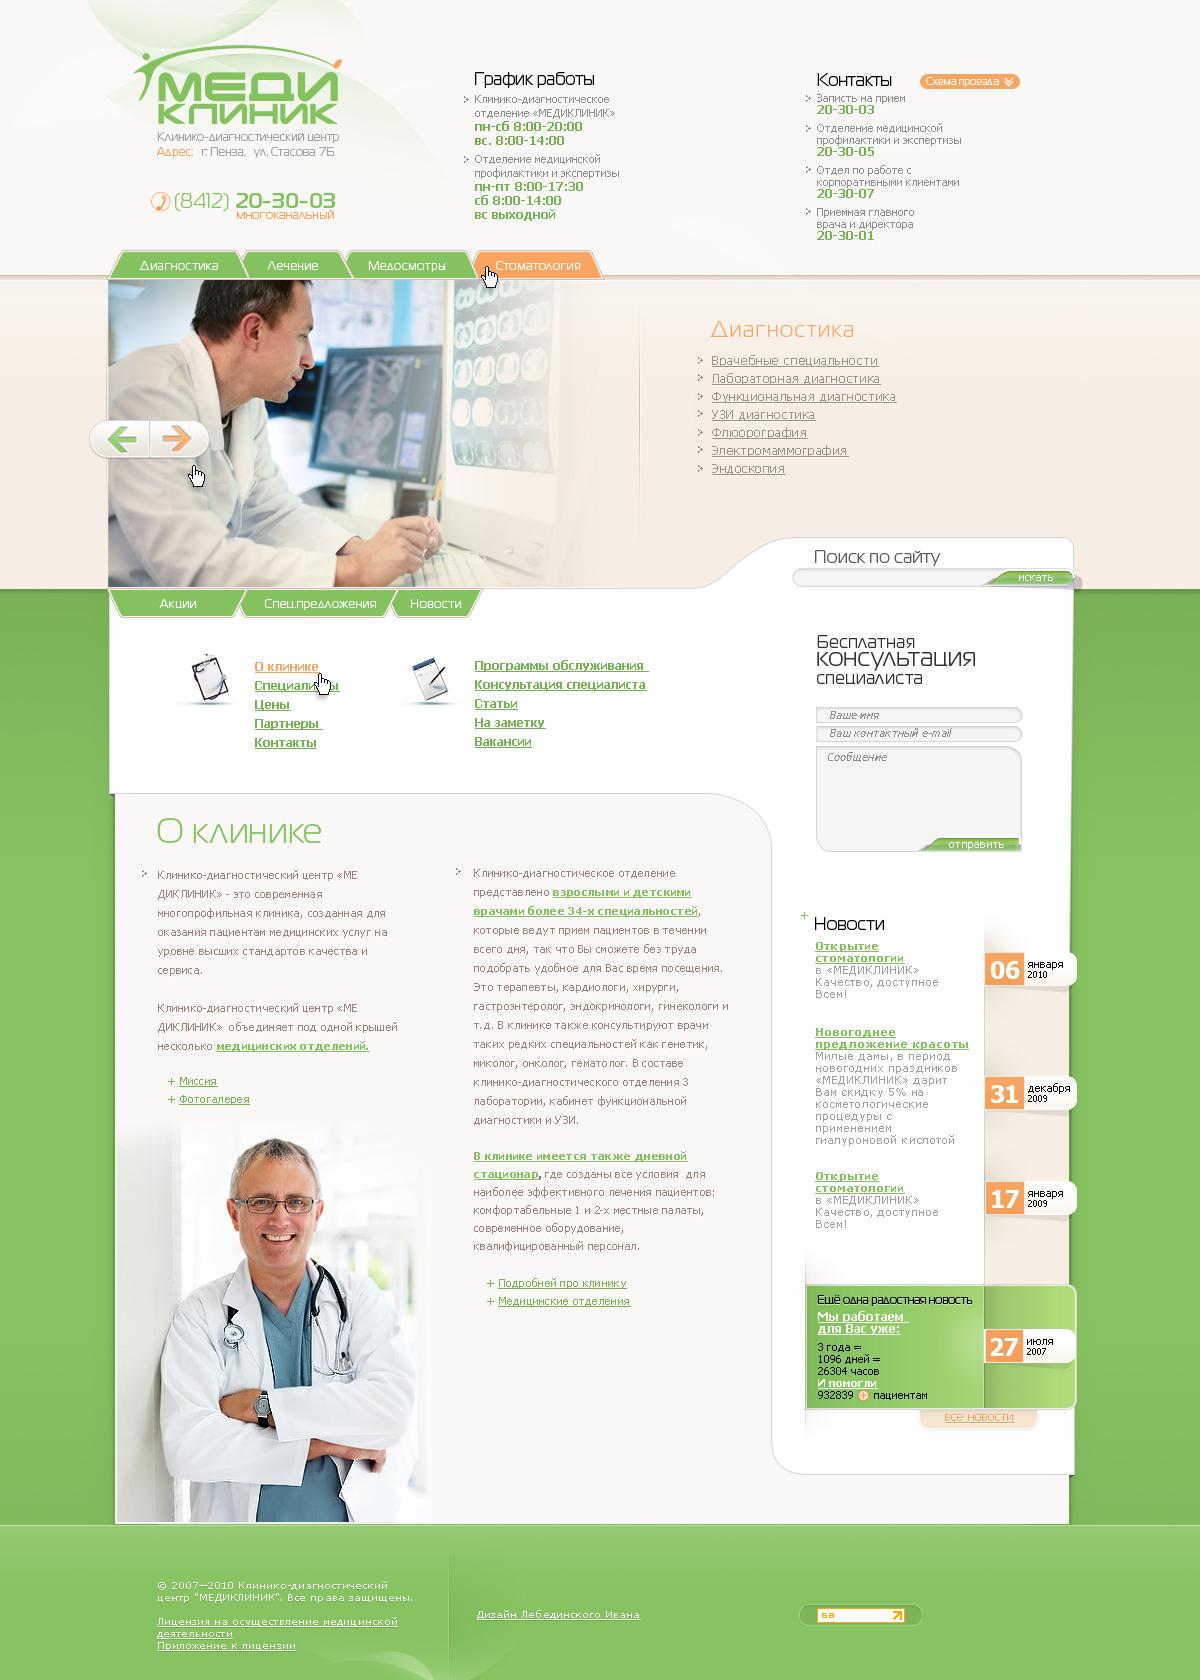 Верстка макета сайта для частной клиники